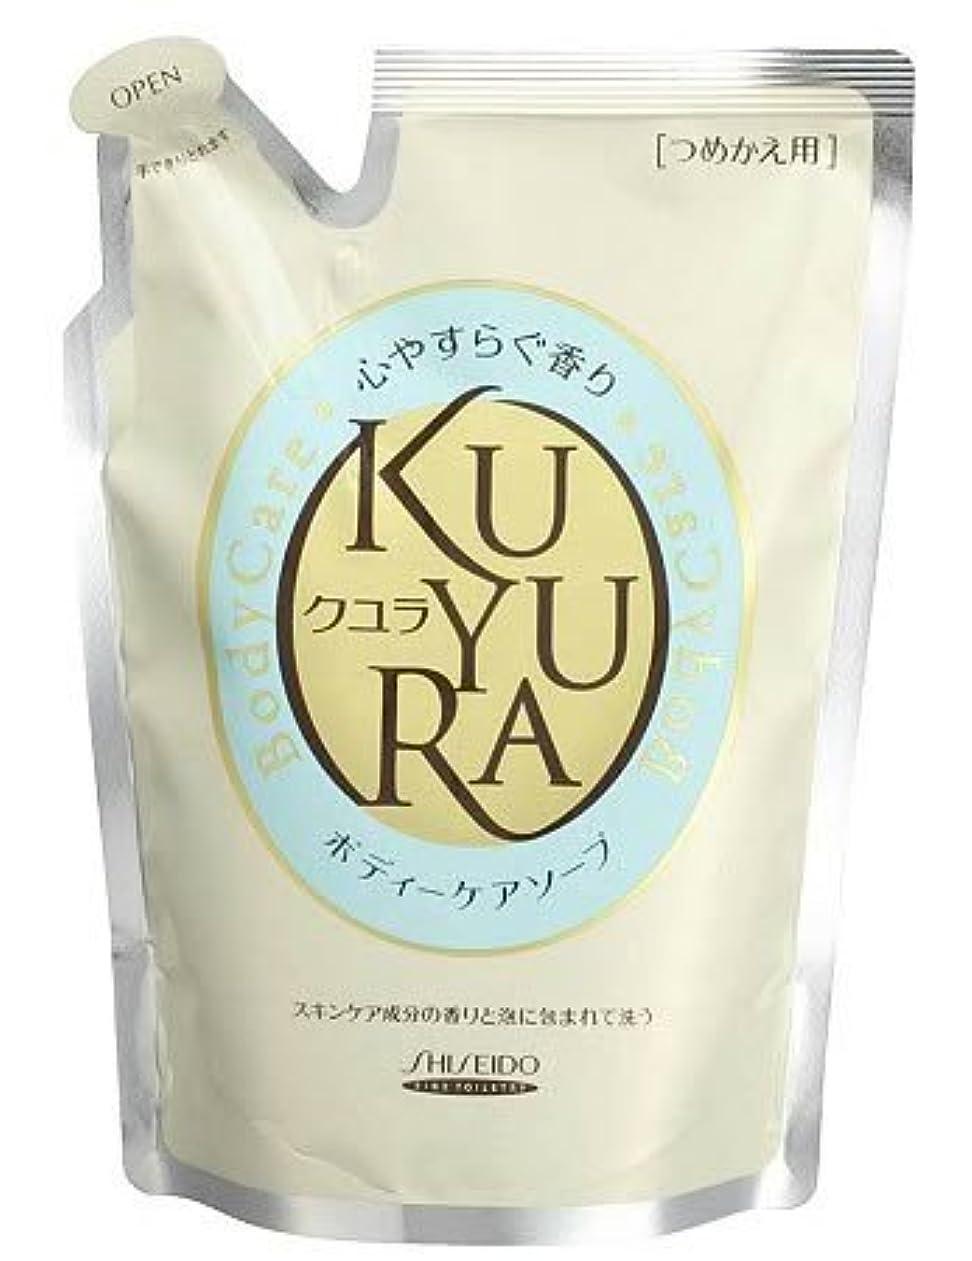 顔料浸す表示クユラ ボディケアソープ 心やすらぐ香り つめかえ用400ml x 10個セット